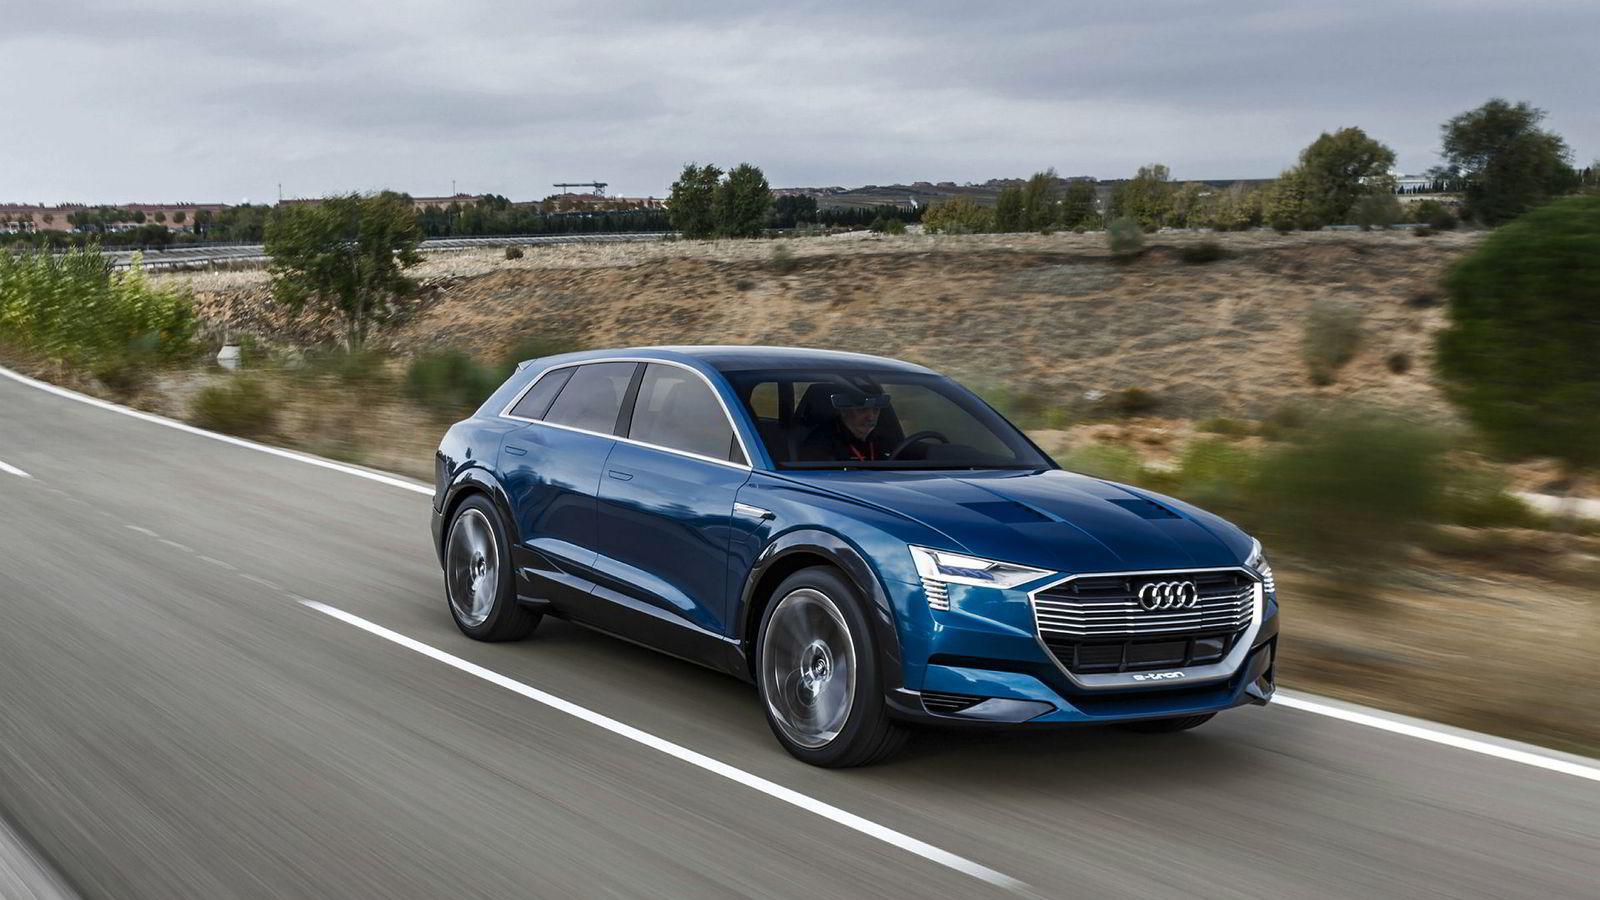 Audis elbilsjef synes ikke det er noen god ide å dra henger med elbil. Likevel kan det virke som Audis første elbil får hengerfeste. Dette er Audi E-Tron Concept.